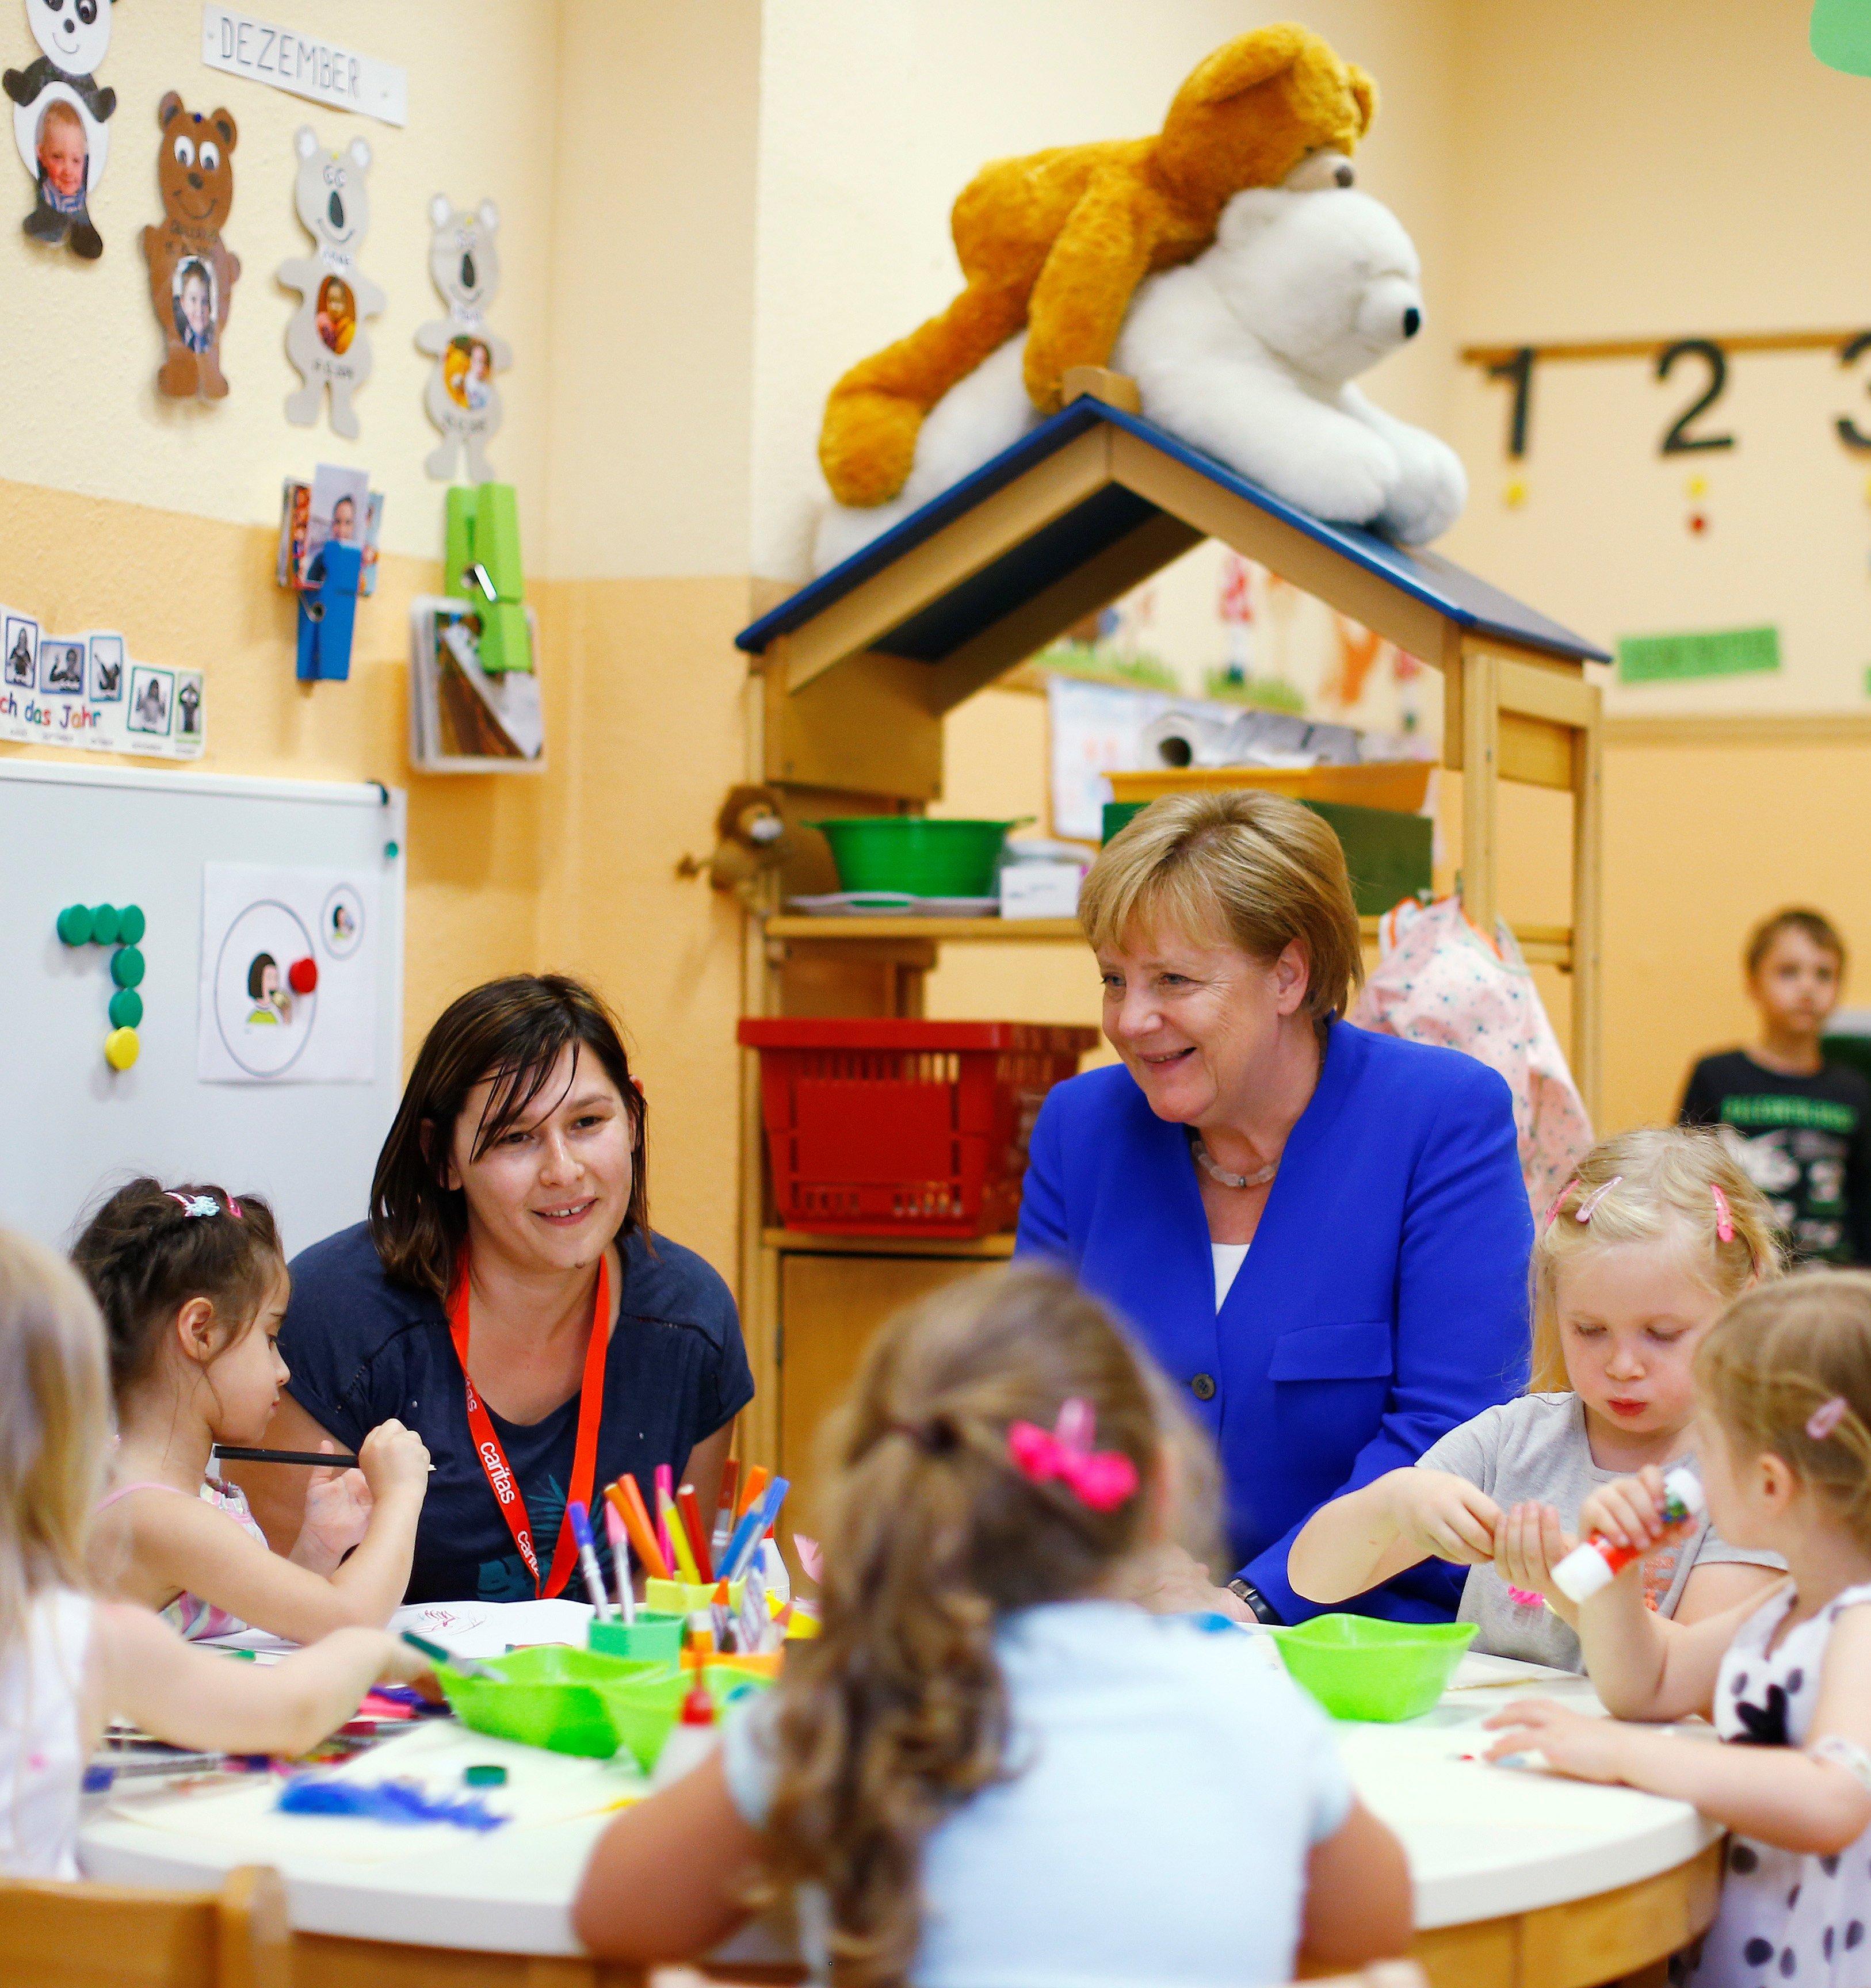 Меркель оказалась в неловком положении из-за детксих игрушек.